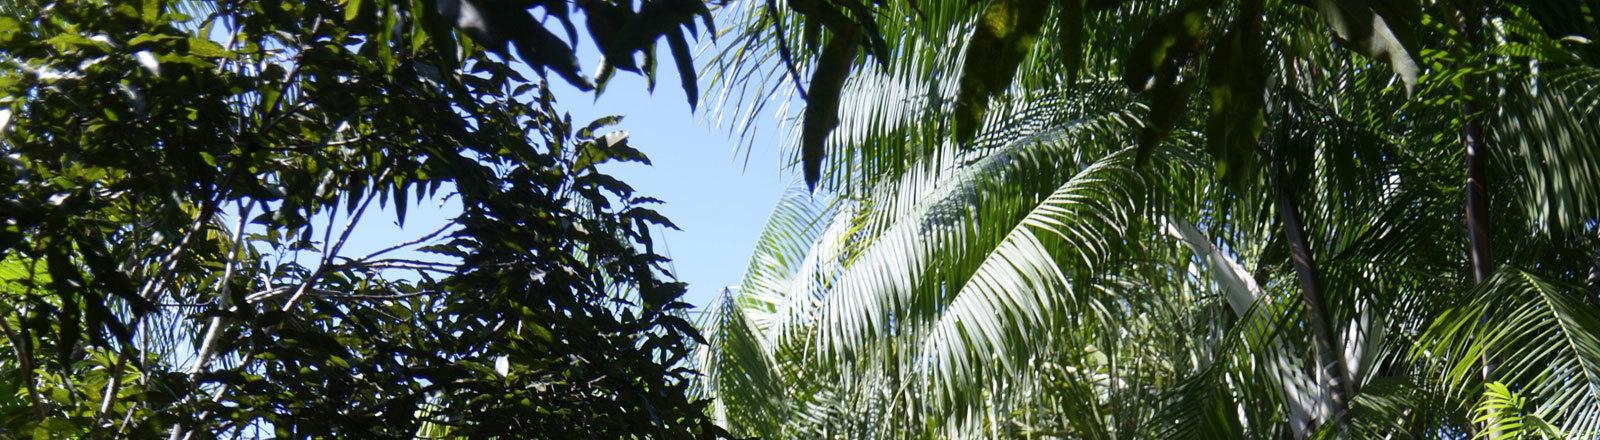 Der Regenwald am Amazonas in Brasilien